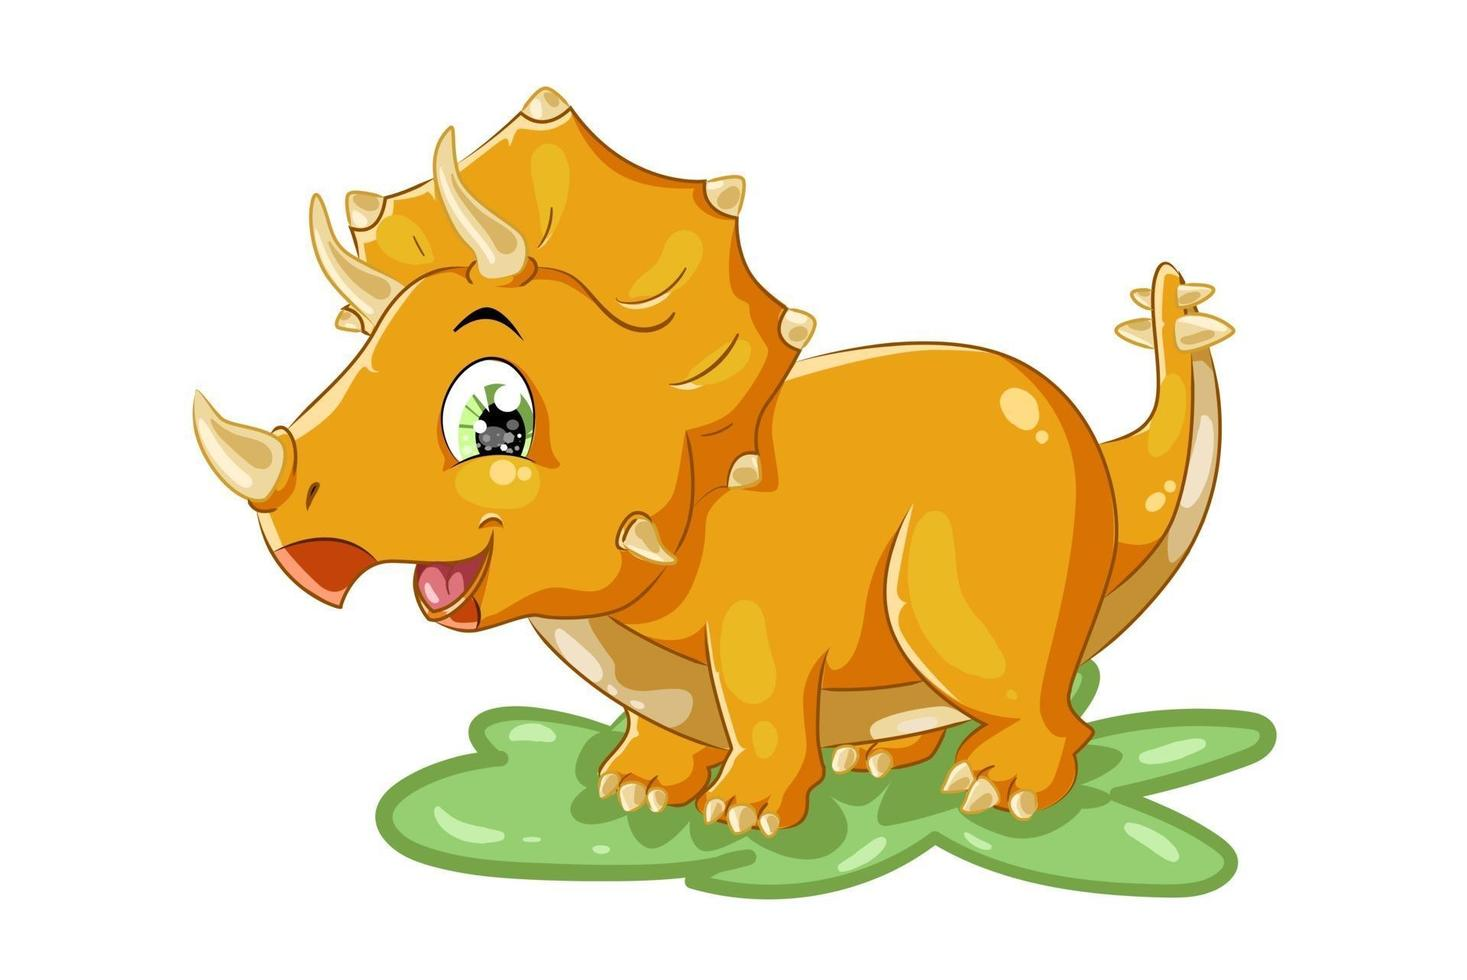 un simpatico cartone animato animale giallo triceratopo vettore